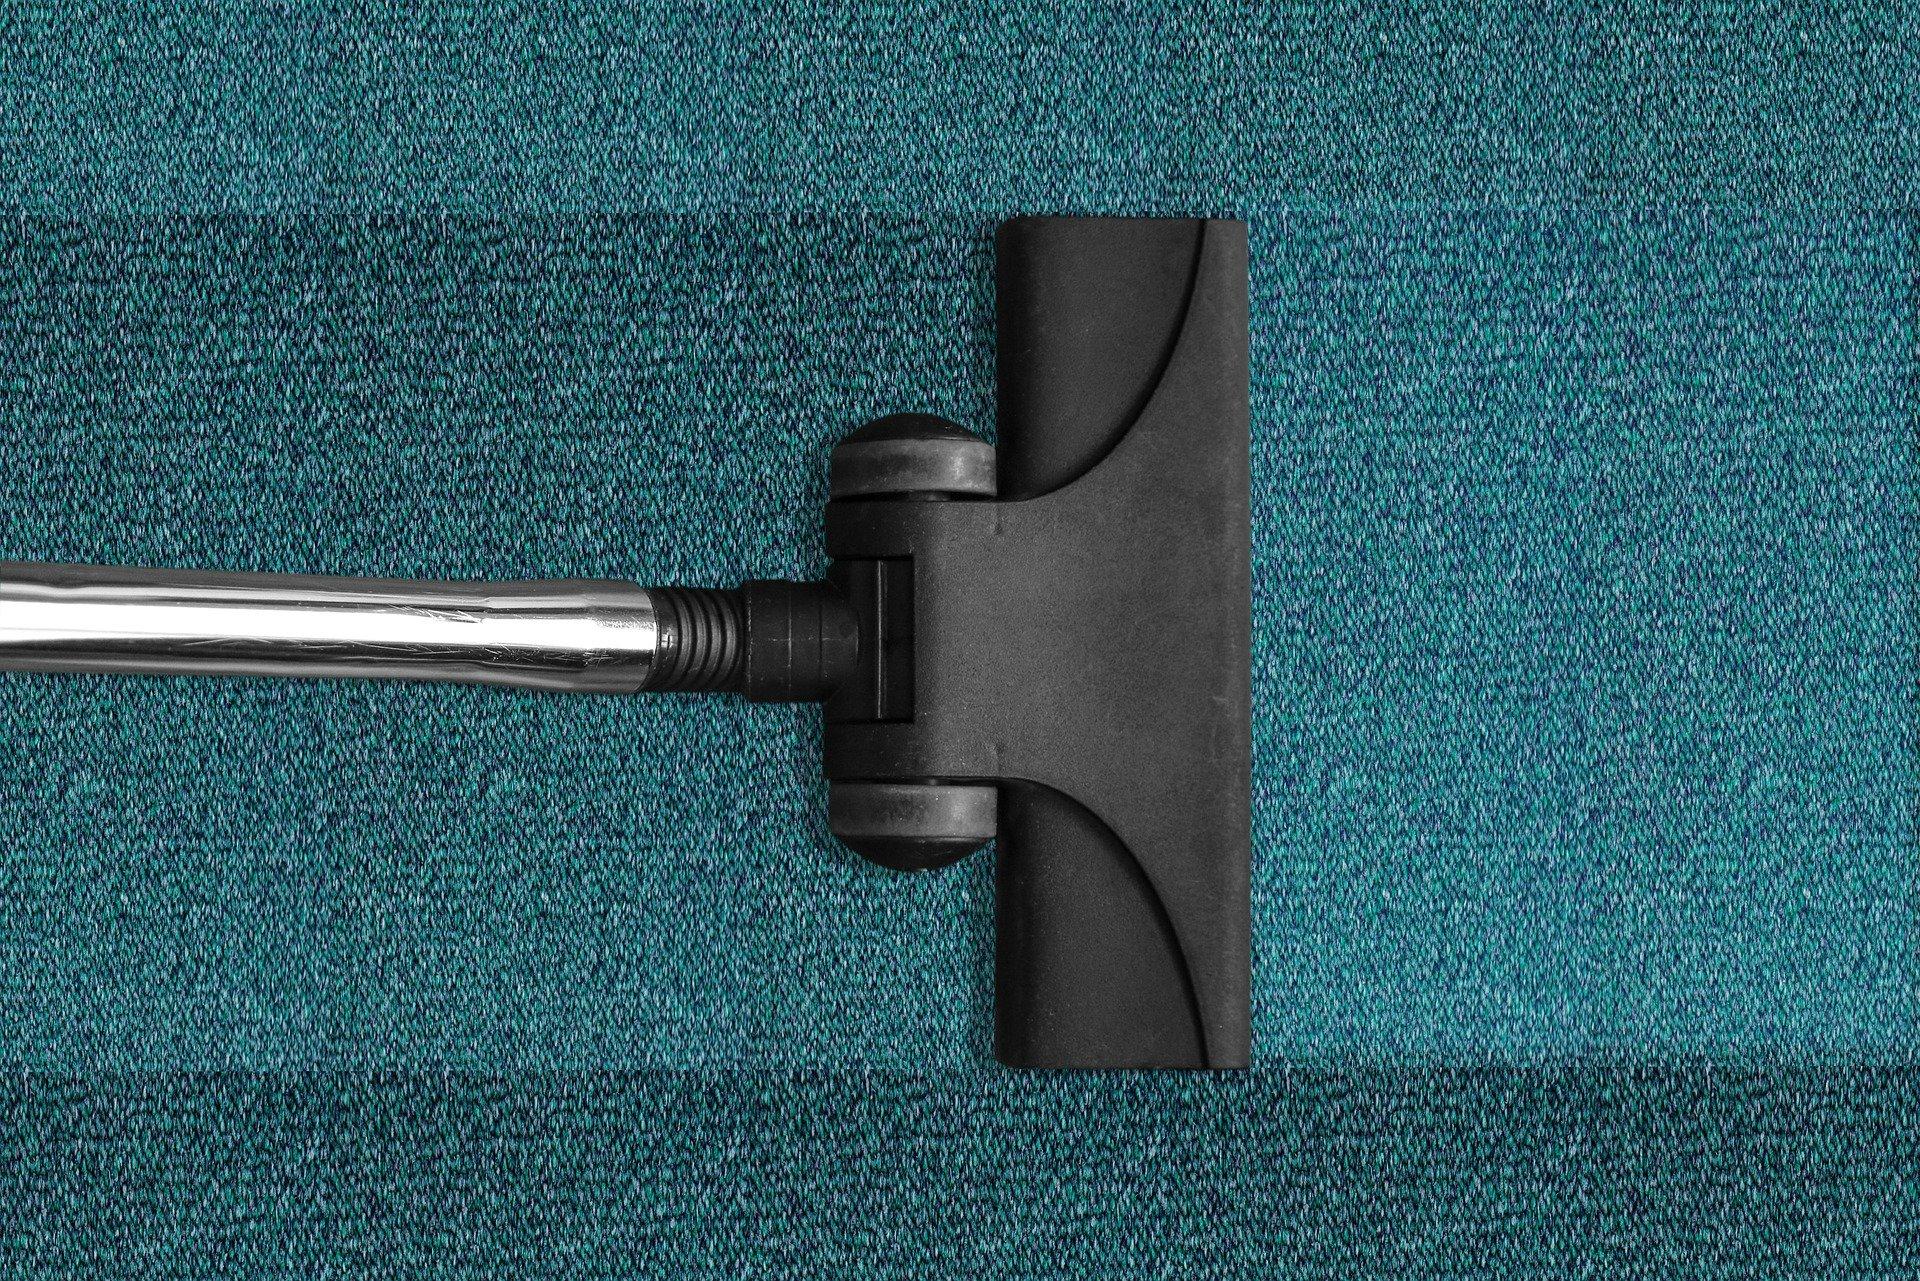 Produtos para deixar sua casa limpa